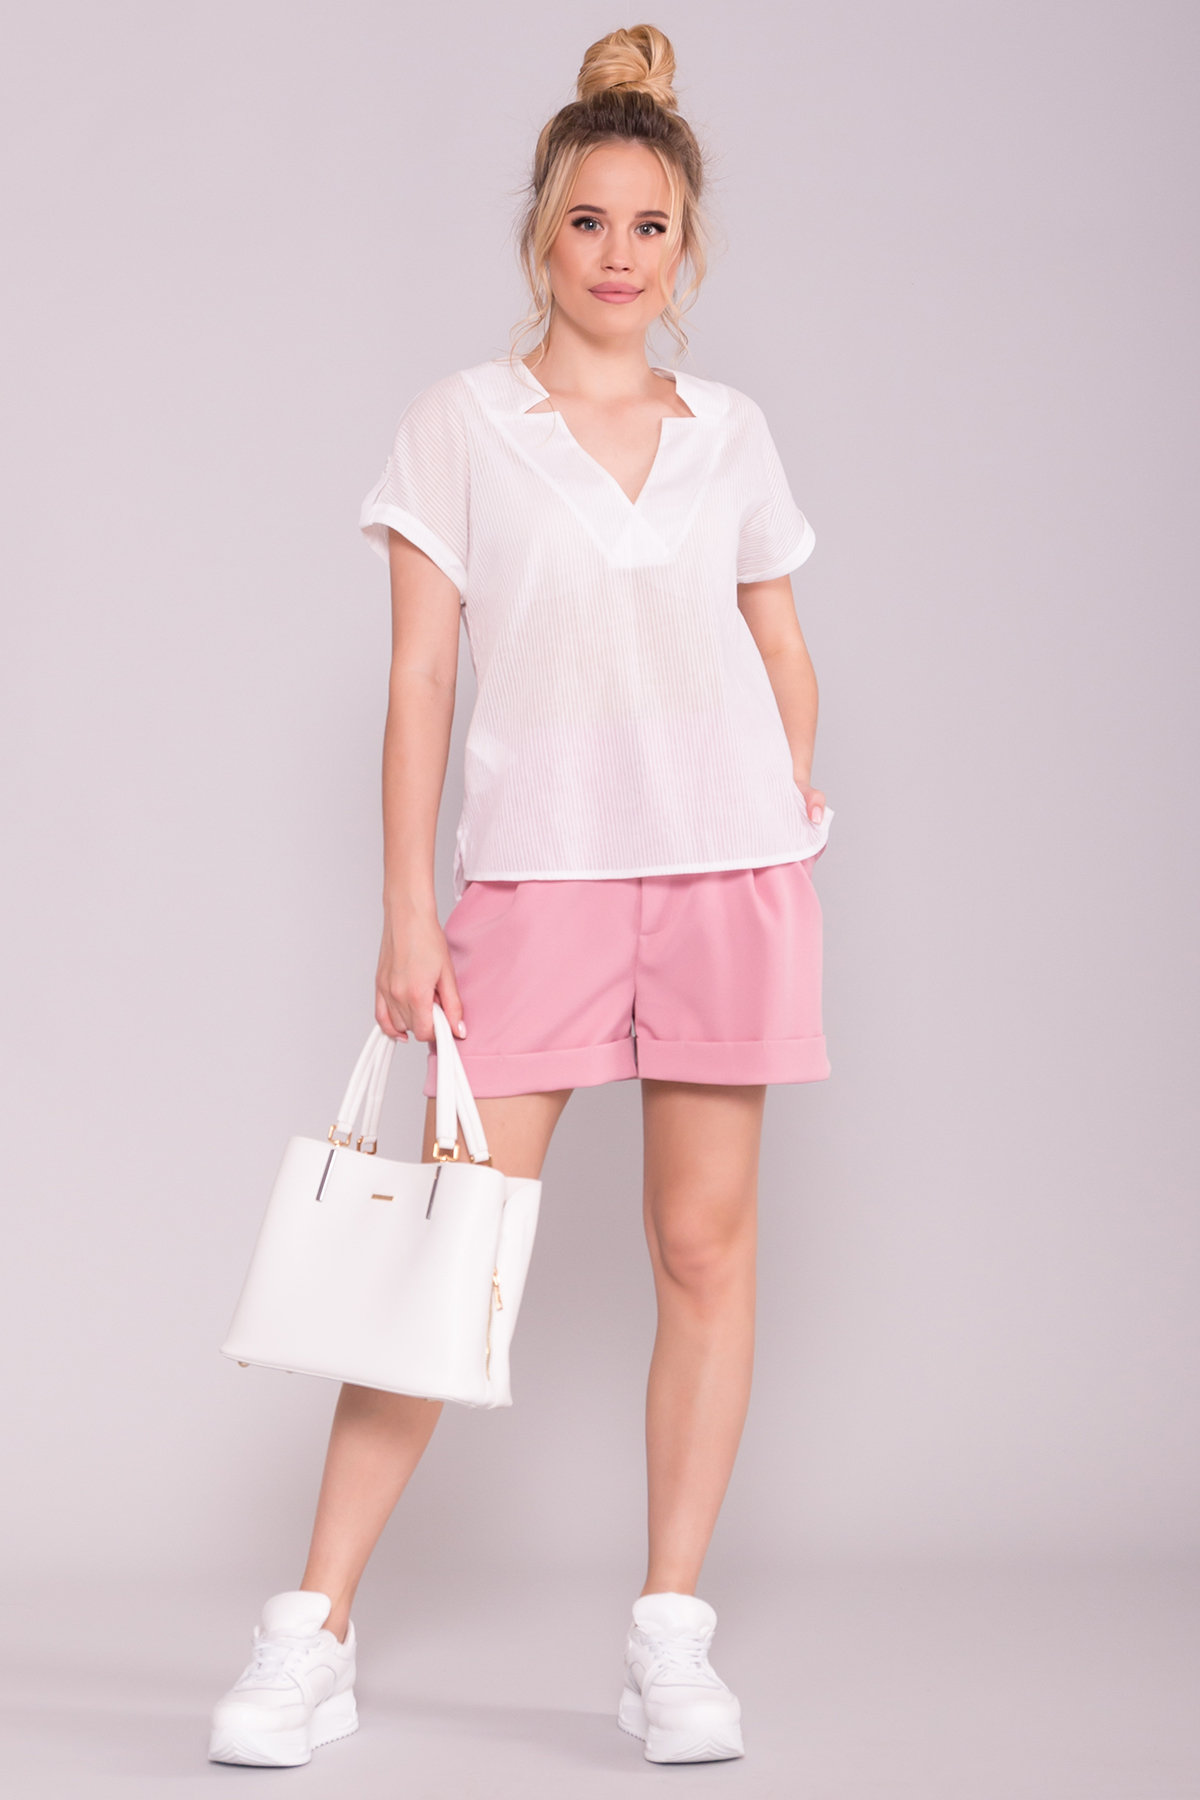 Легкий топ блузка Реноме 7398 Цвет: Полоска/молоко